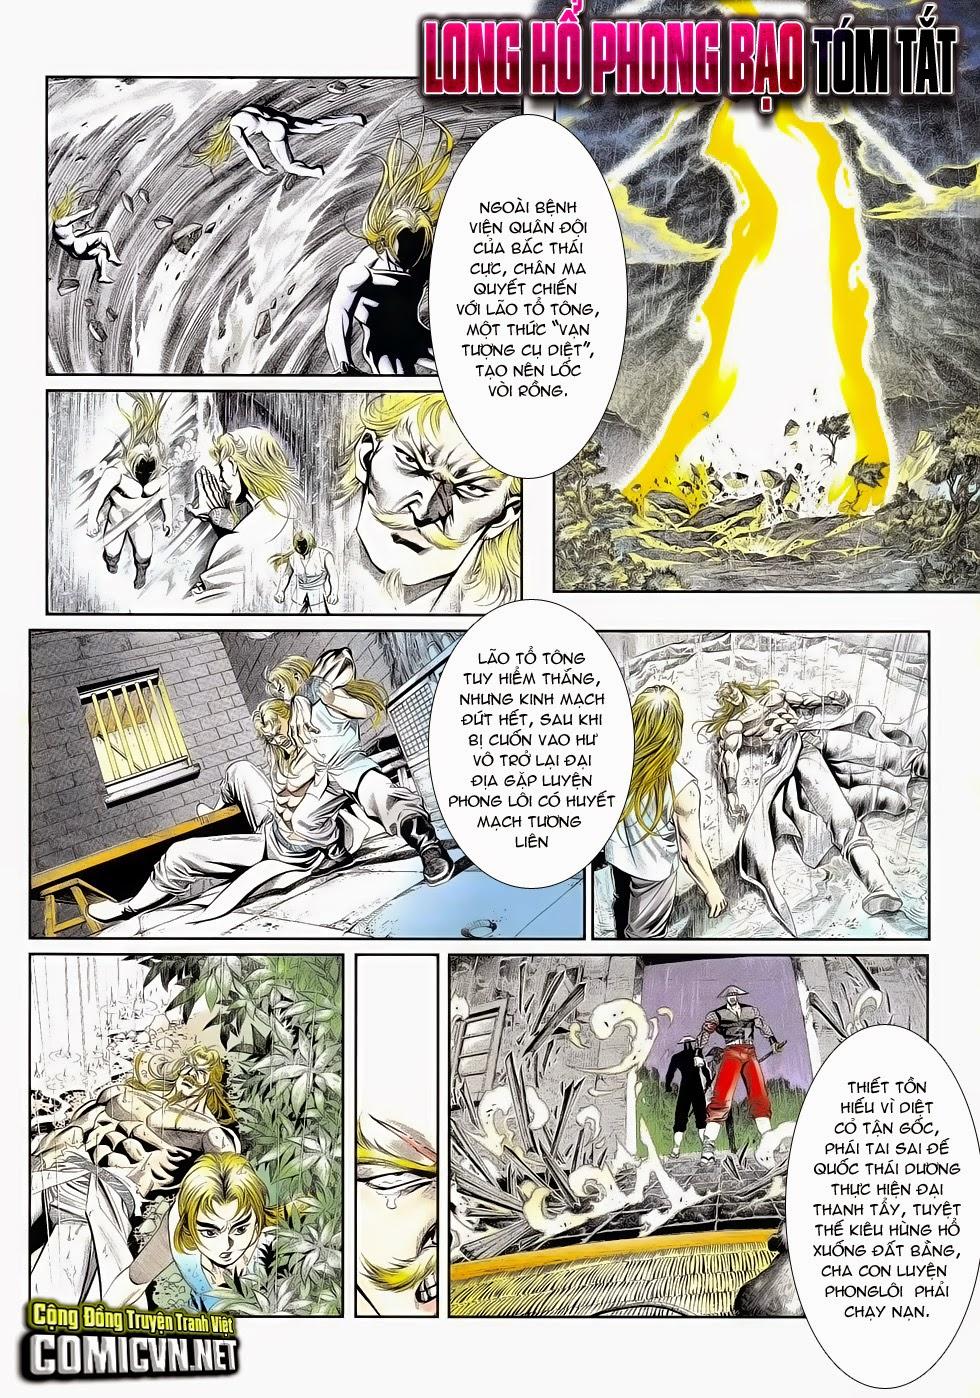 Long Hổ Phong Bạo chap 4 - Trang 2